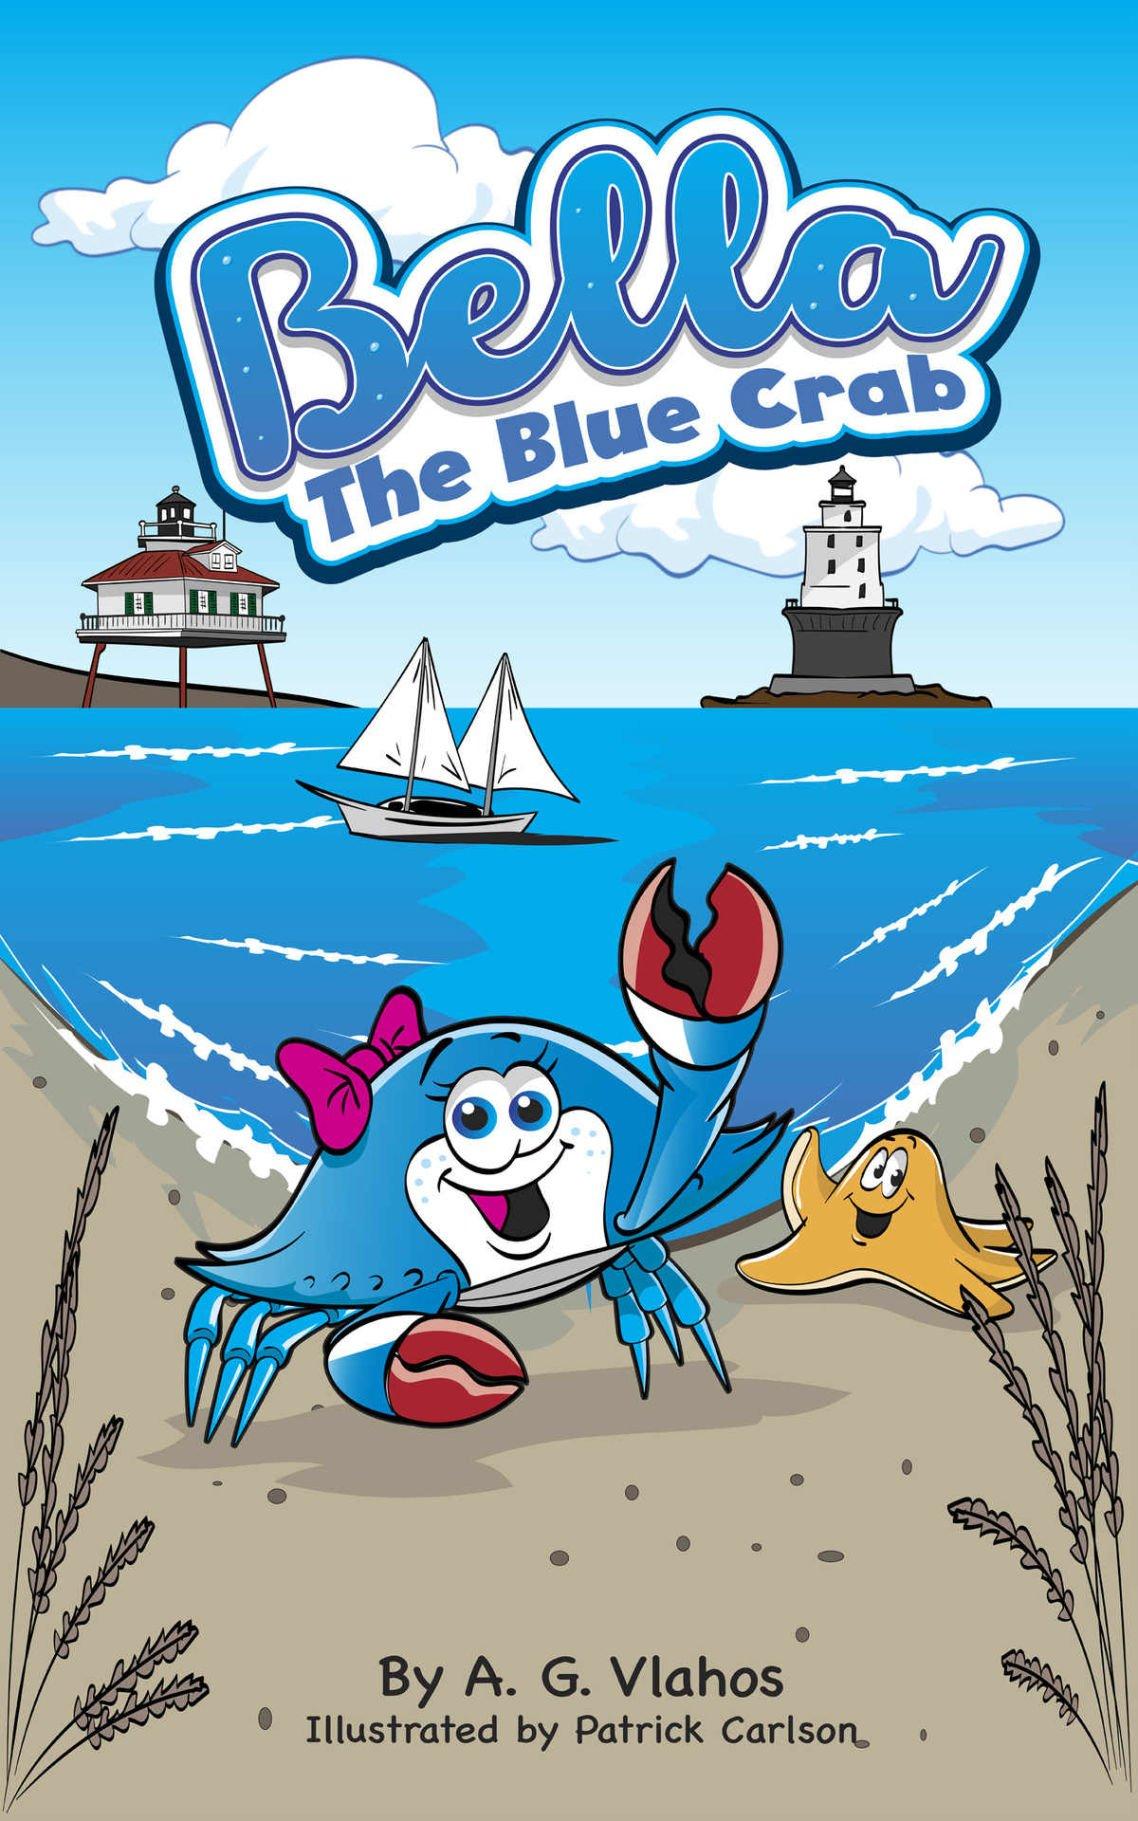 Bella the Blue Crab